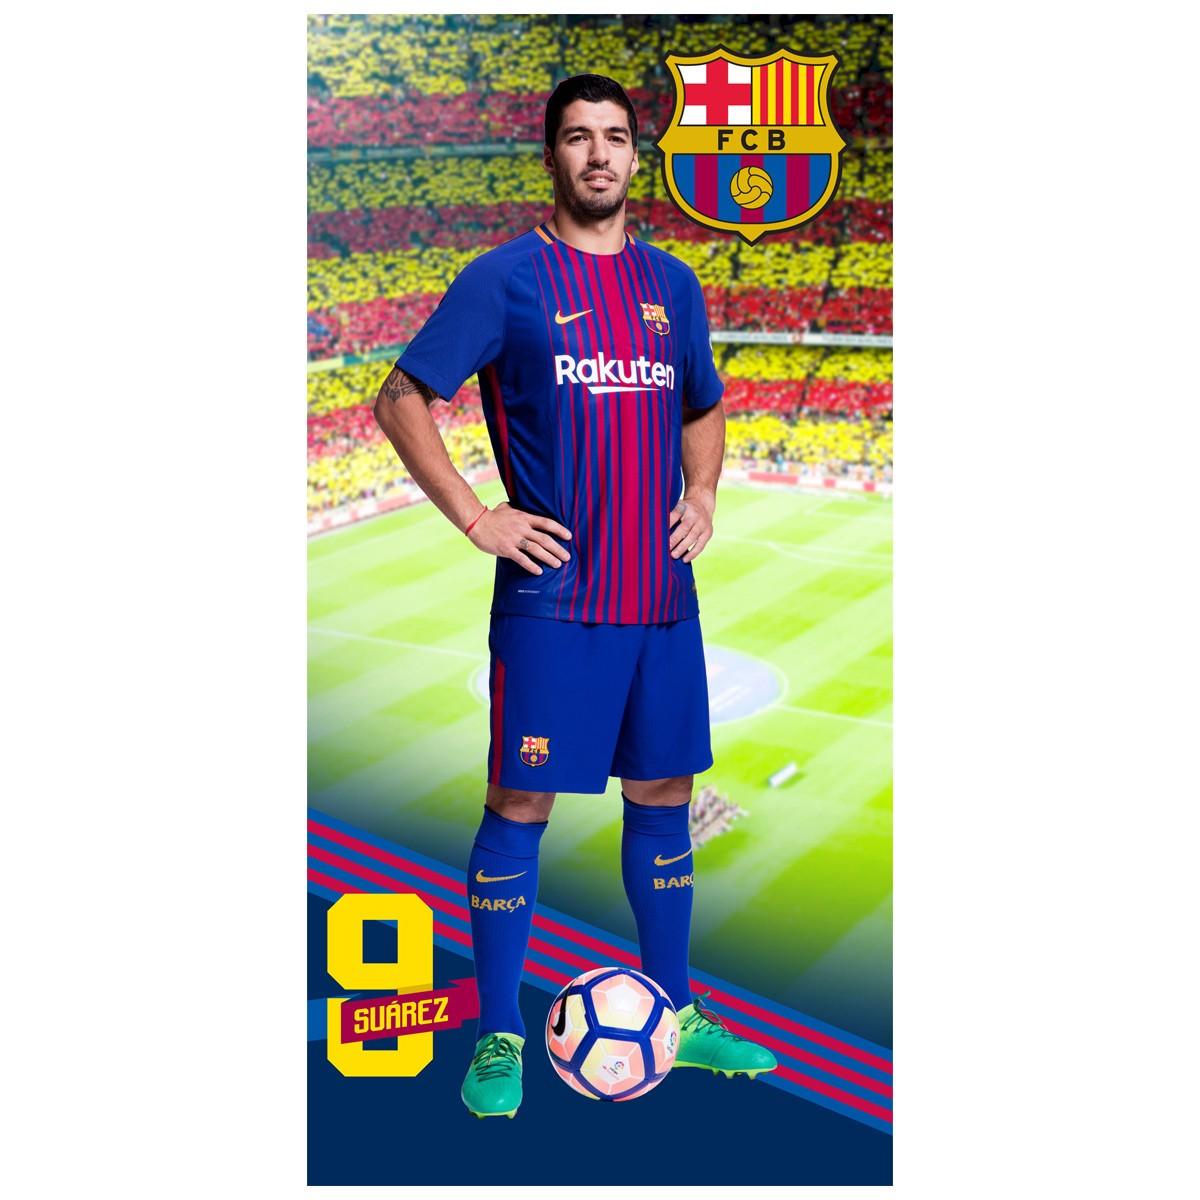 Πετσέτα Θαλάσσης FC Barcelona FCB172075 home   θαλάσσης   πετσέτες θαλάσσης ενηλίκων